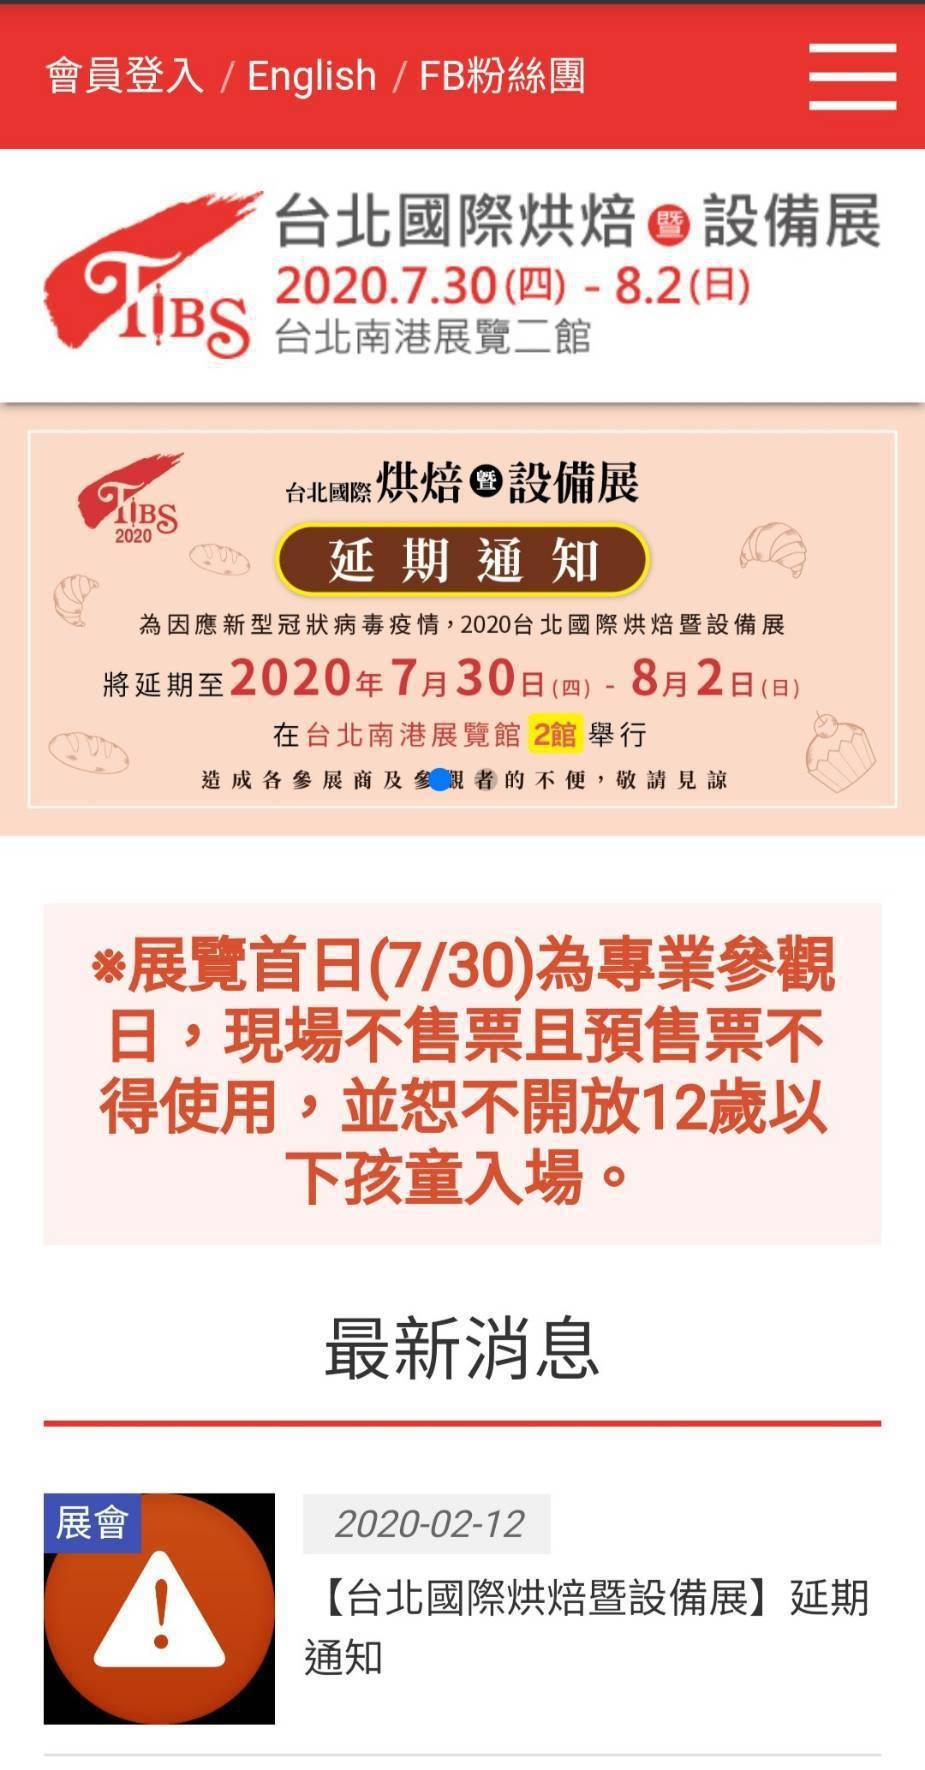 由糕餅同業公會主辦的台北國際烘焙暨設備展因疫情影響,從今年3月延期至7月底,此為...